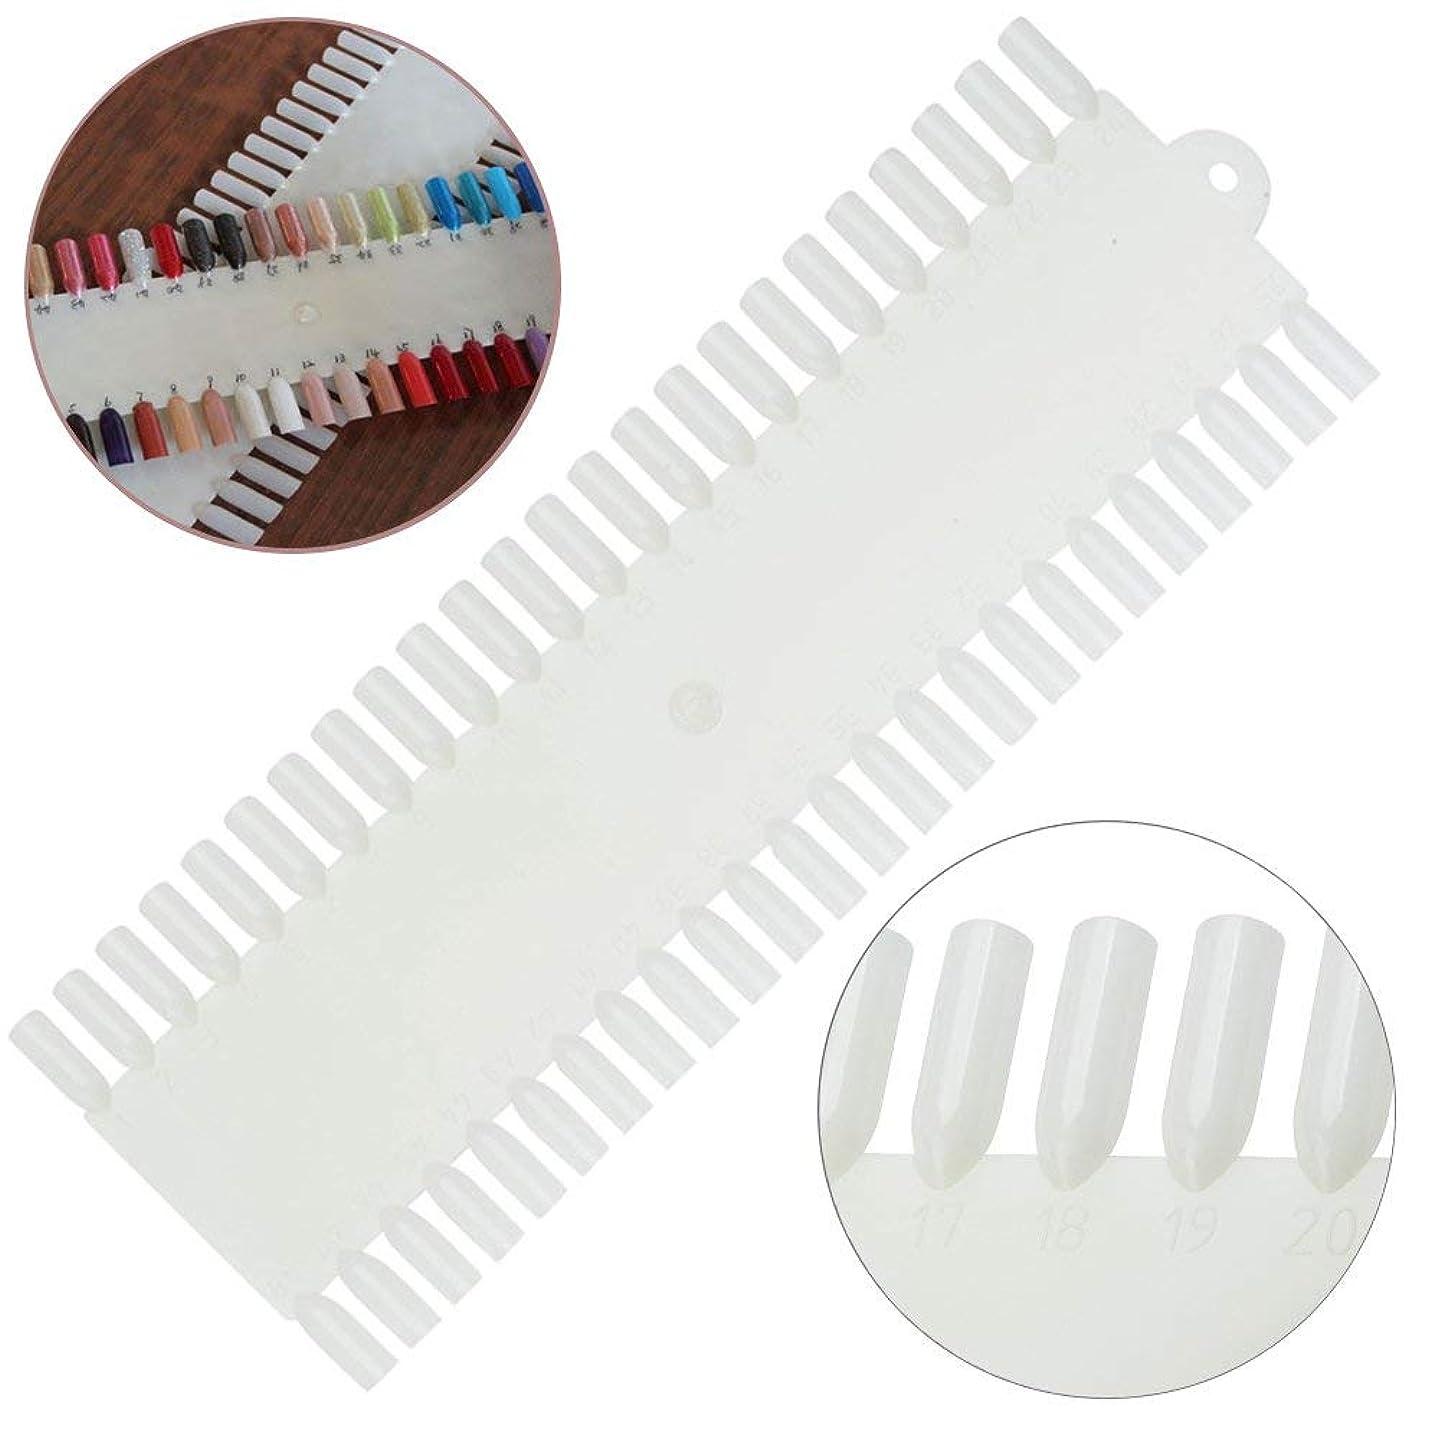 罰する砂うるさい白の48の偽の釘/プラスチックヒント/表示および練習板が付いている良質の専門のネイルアートパレット